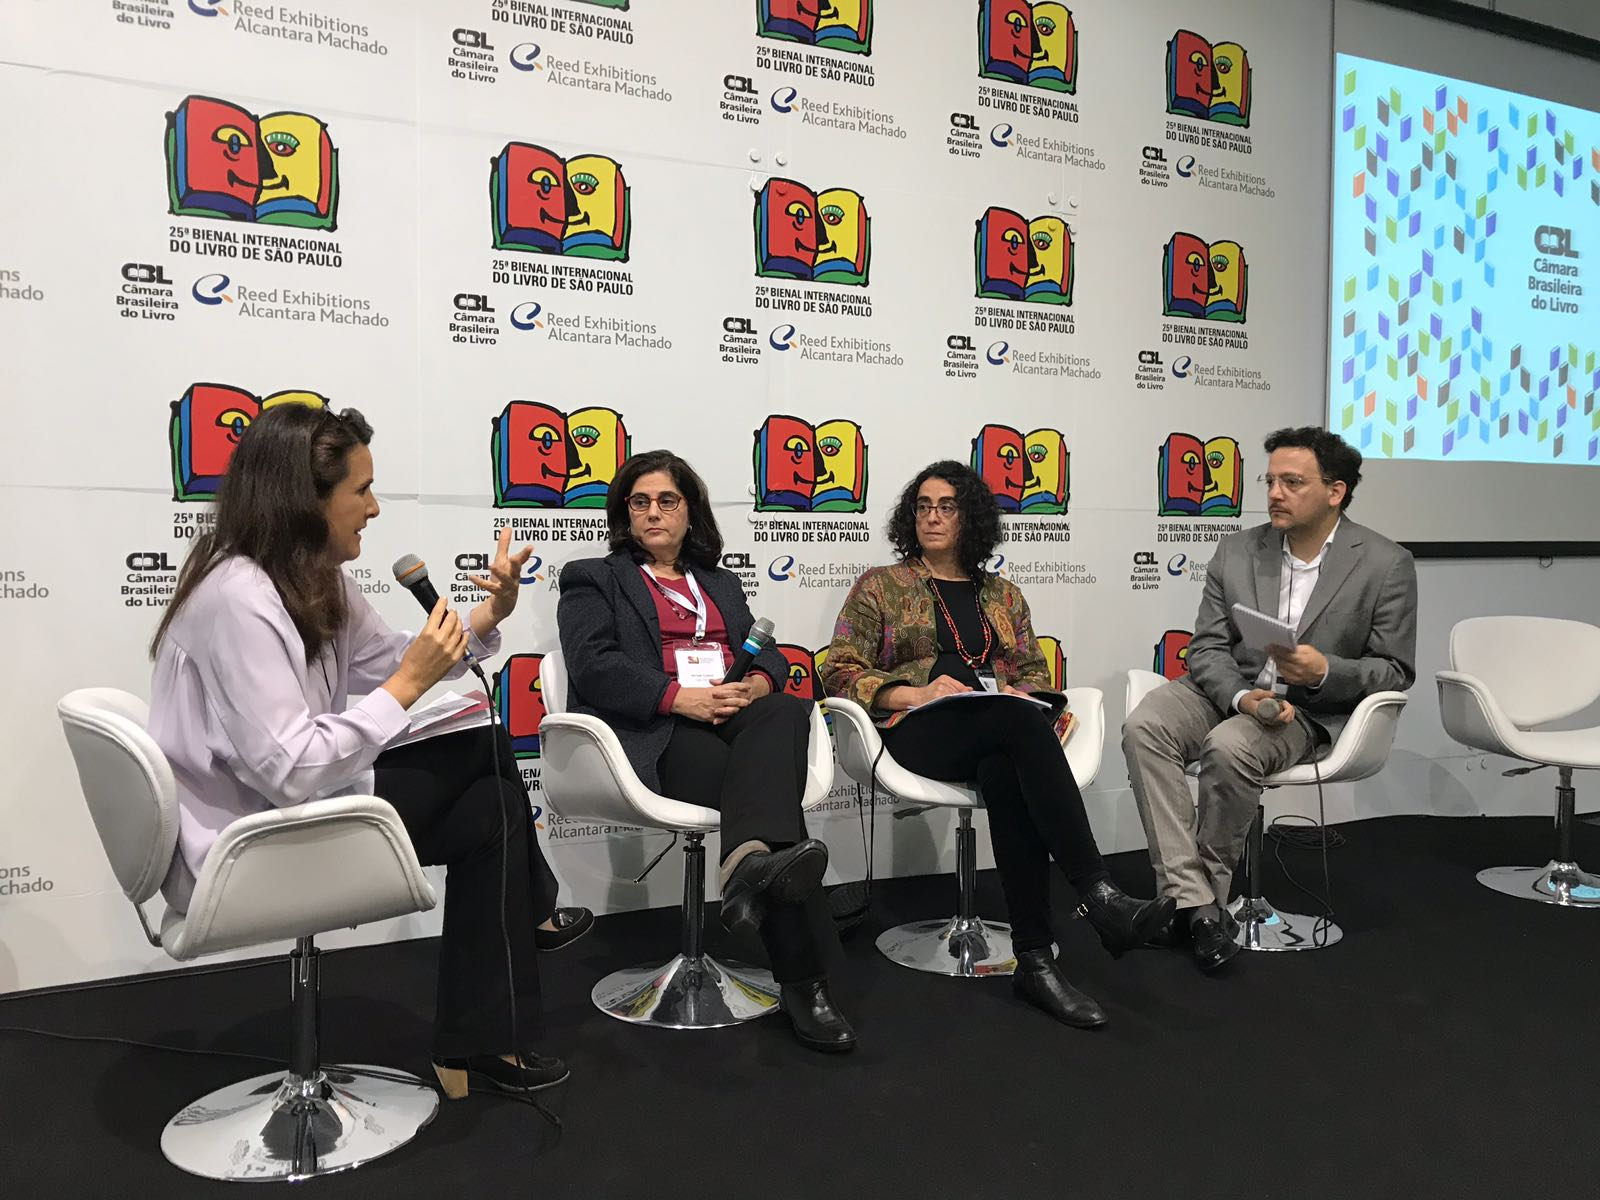 25ª Bienal Internacional do Livro de São Paulo: editoras e autores debatem integração da América Latina